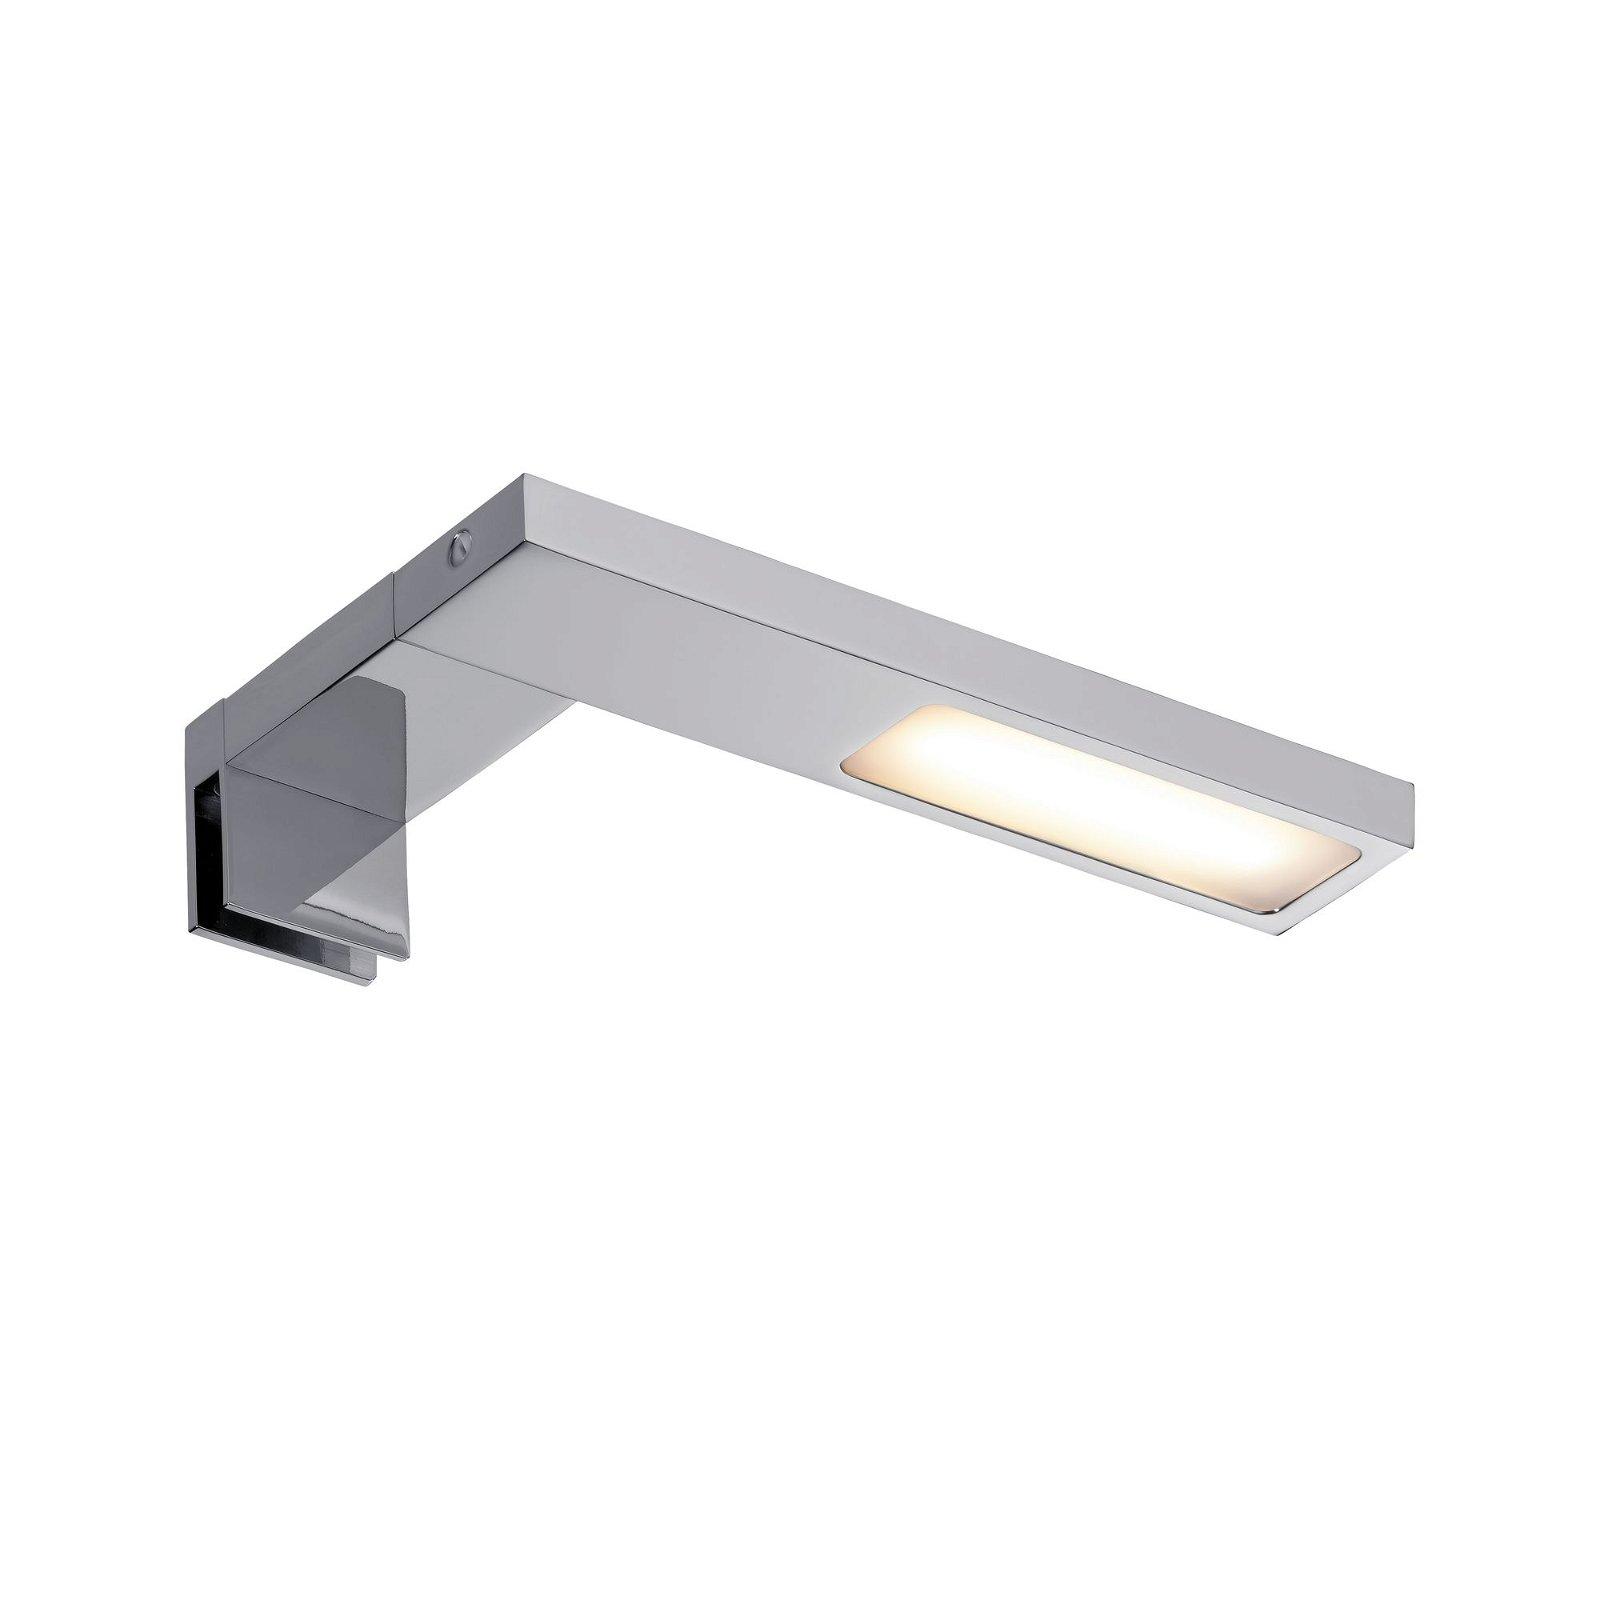 Galeria LED Spiegelleuchte Hook IP44 2700K 378lm 230V 3,2W Chrom